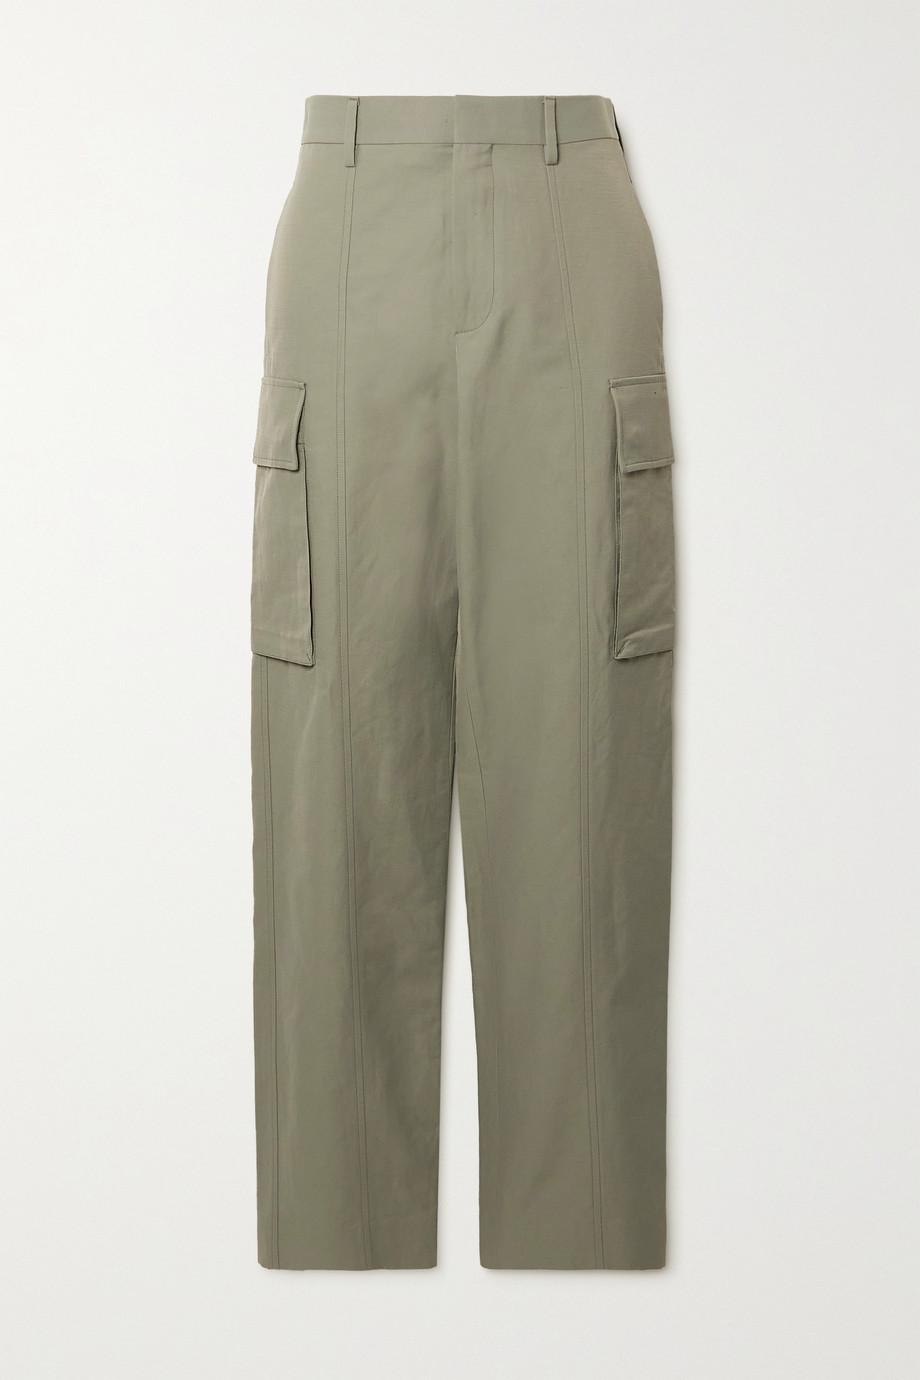 Stella McCartney Pantalon droit en serge